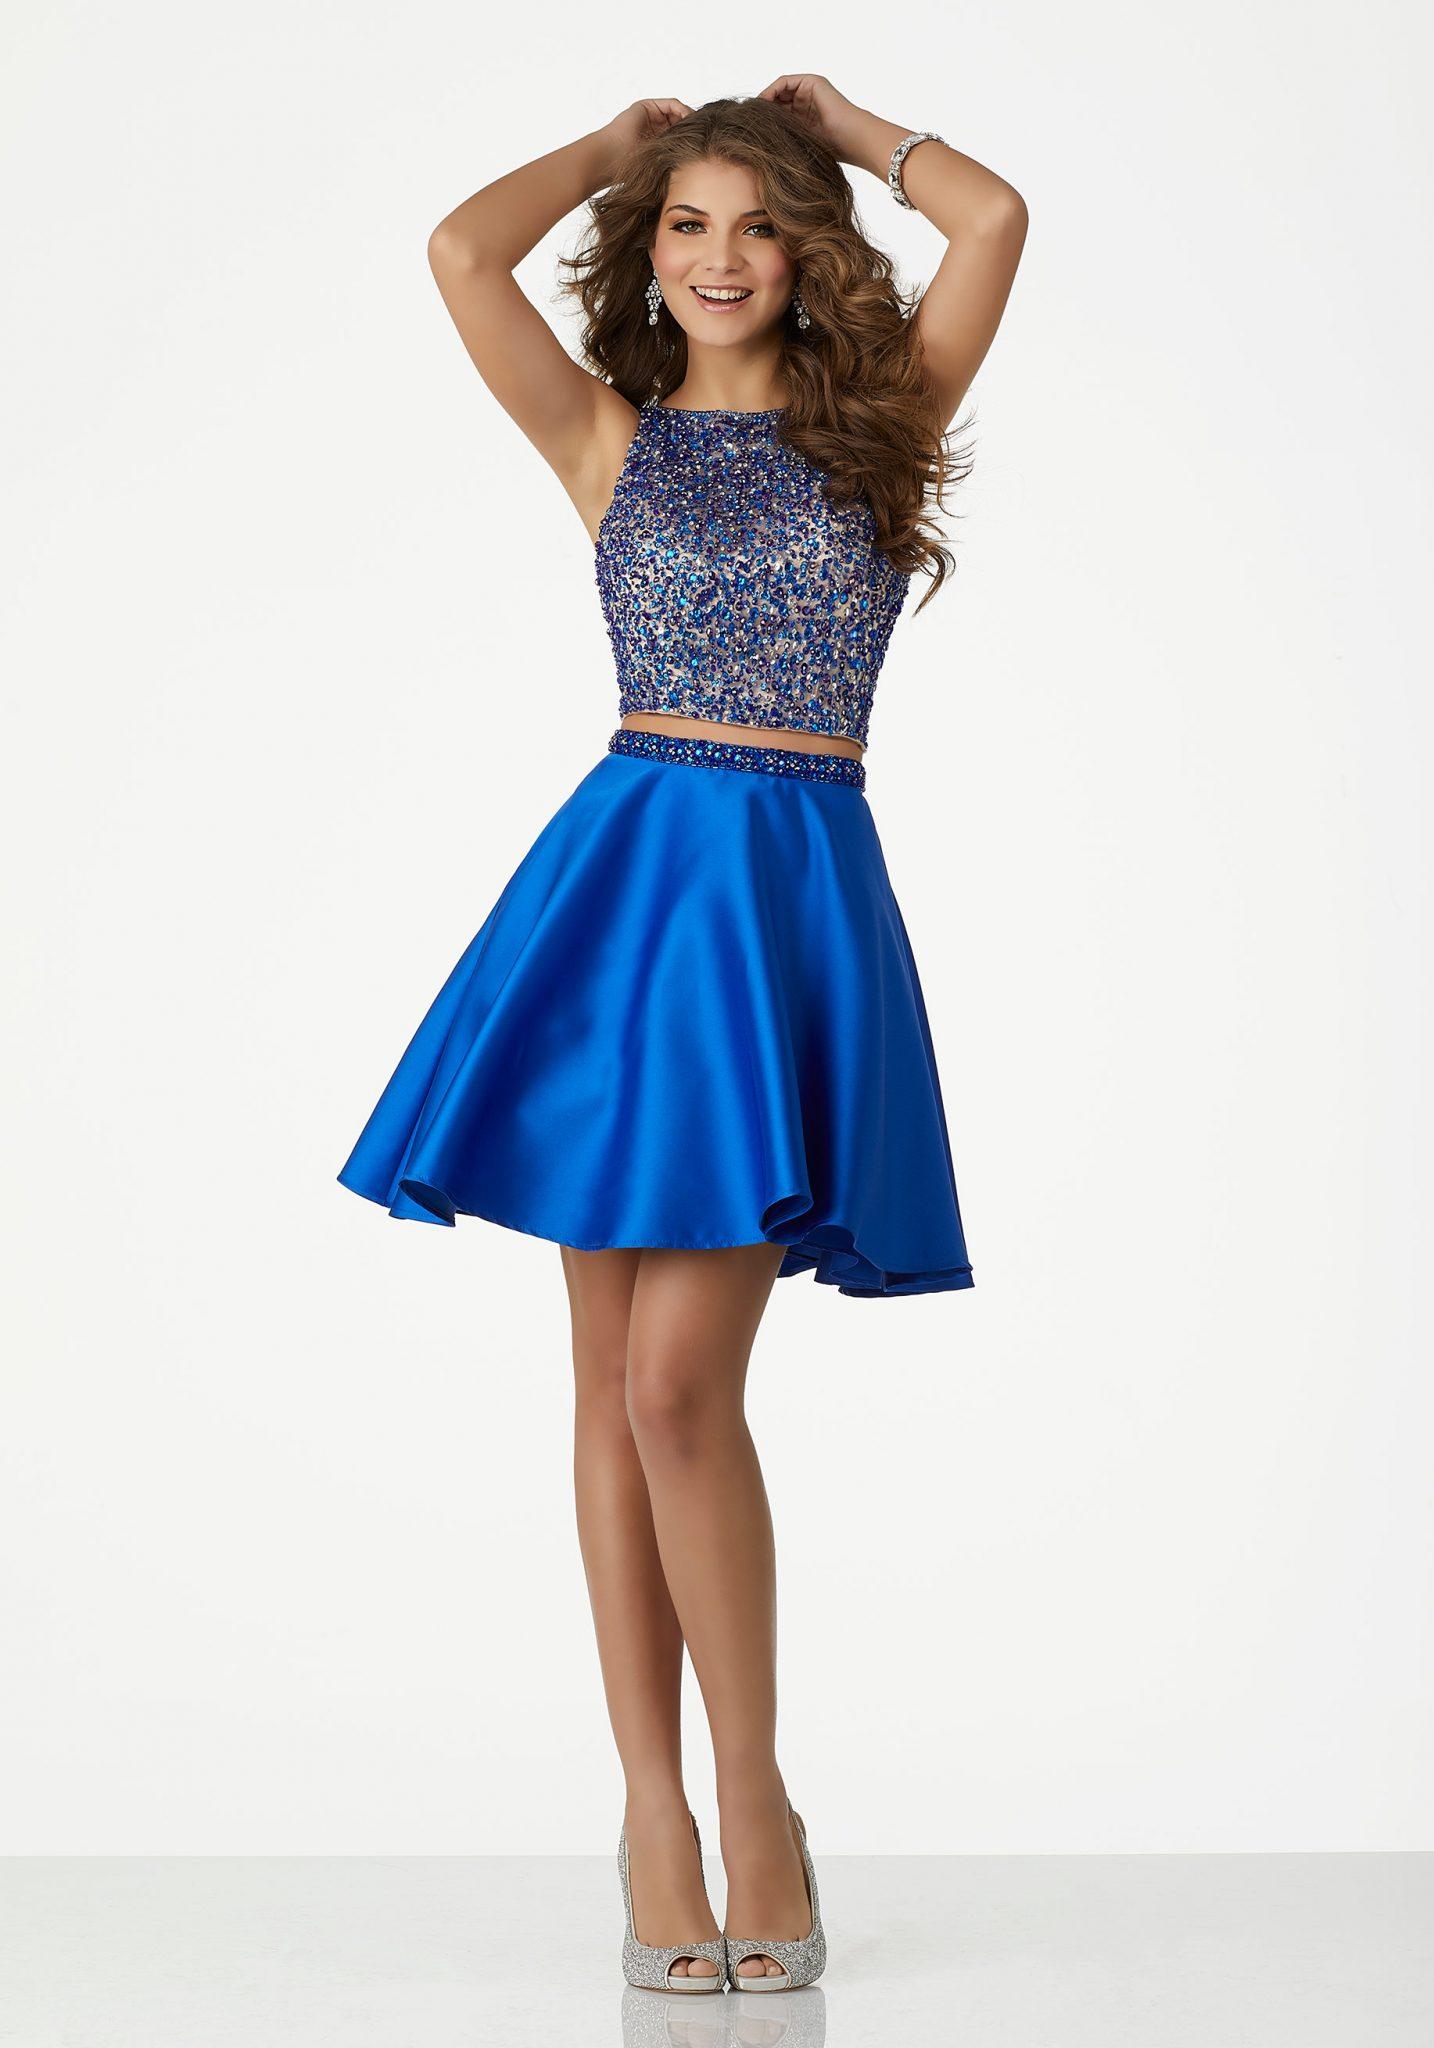 2020 Abiye Elbise Kısa Abiye Modelleri Saks Mavi Kolsuz İki Parça Saten Etek Boncuklu